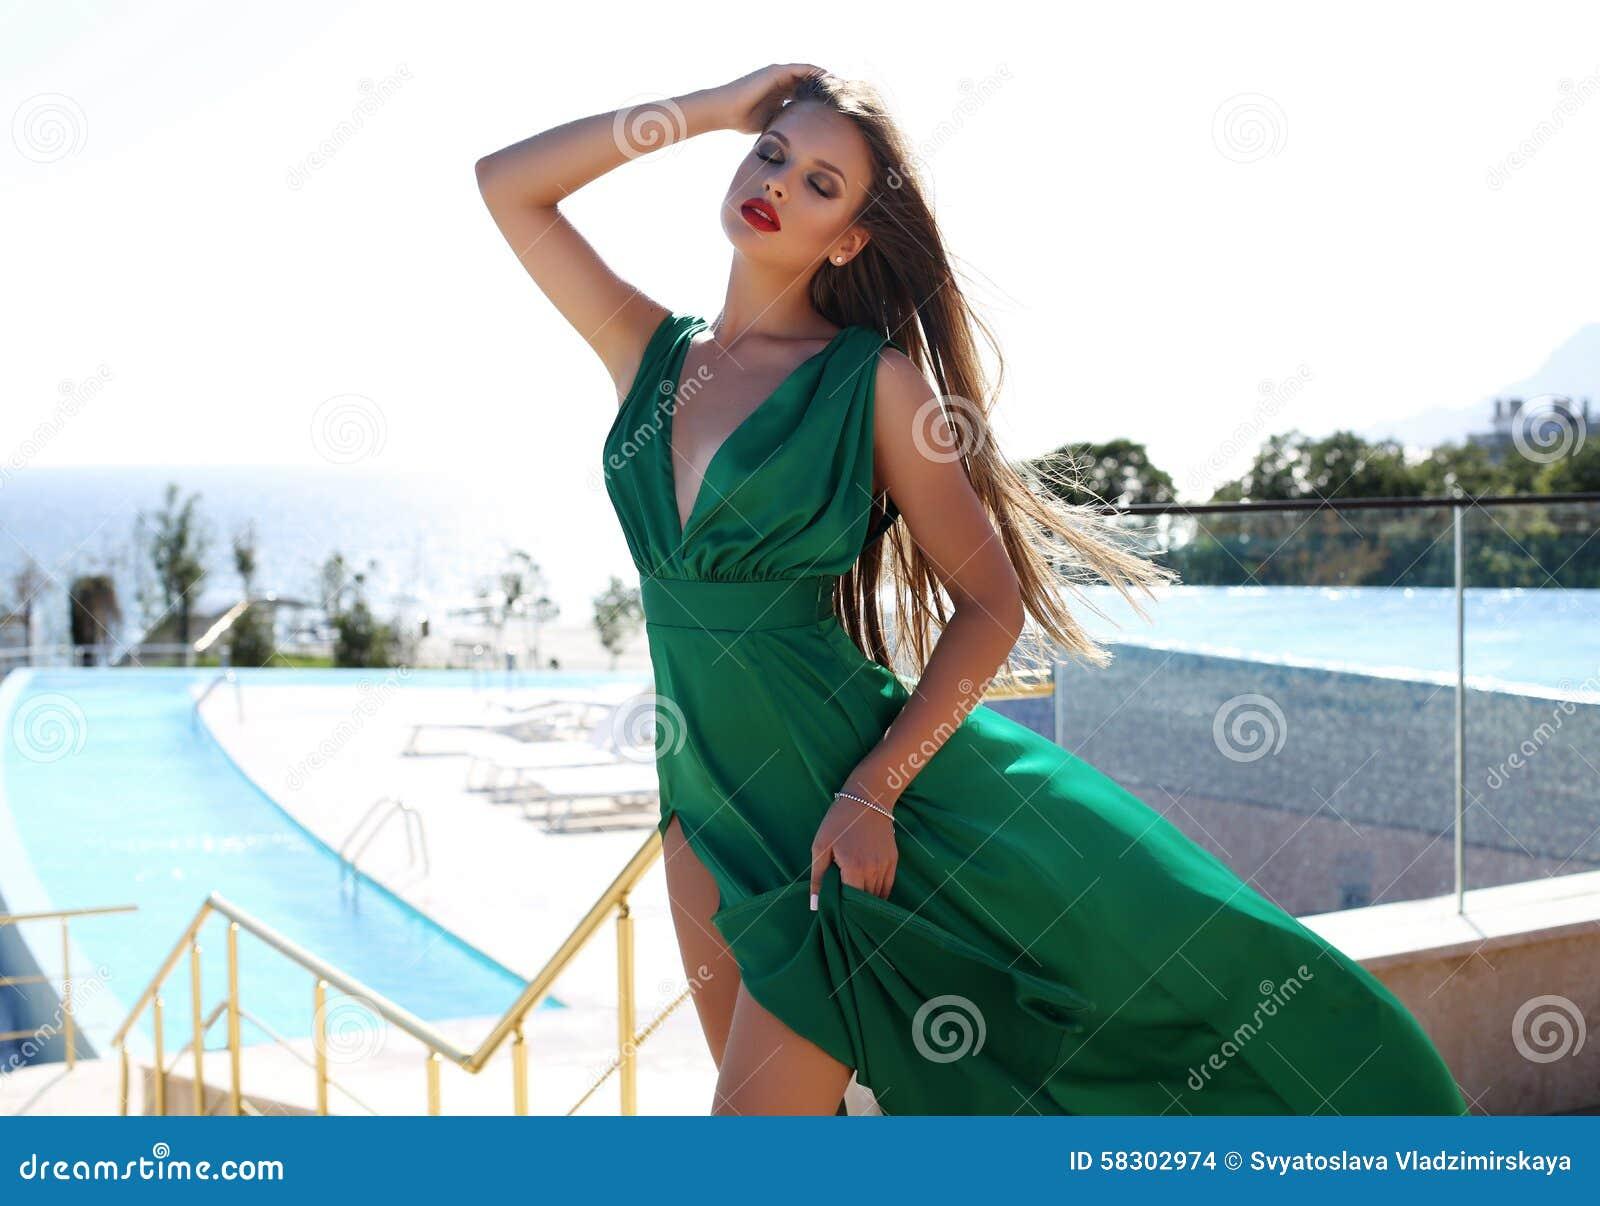 035d3baf3826 Mujer Joven Con El Pelo Rubio En Vestido De Seda Verde Lujoso Foto ...